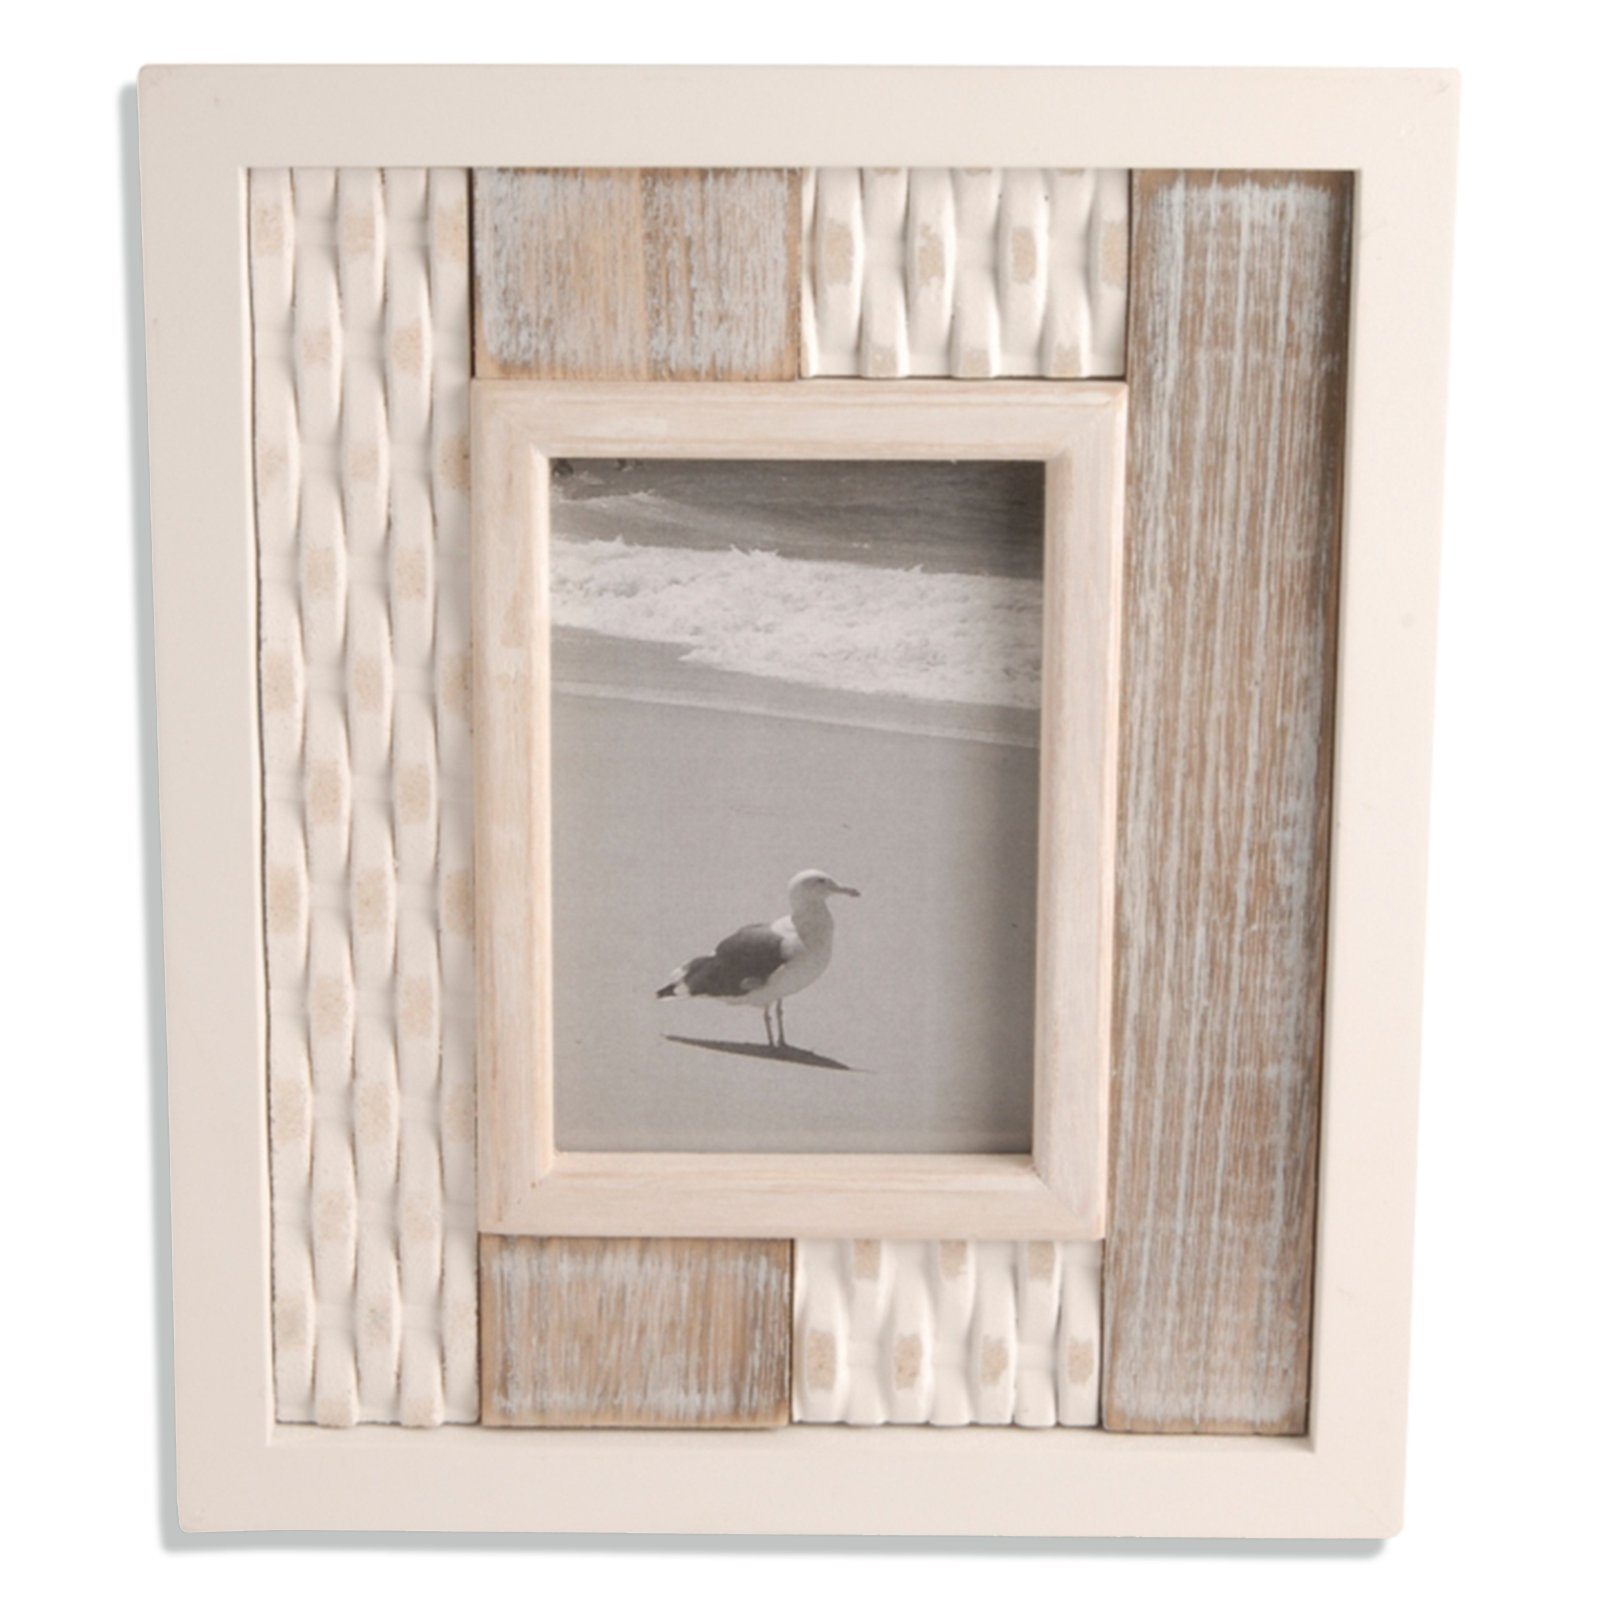 Bilderrahmen - Holz - weiß - 20x24 cm | Bilderrahmen | Deko-Artikel ...